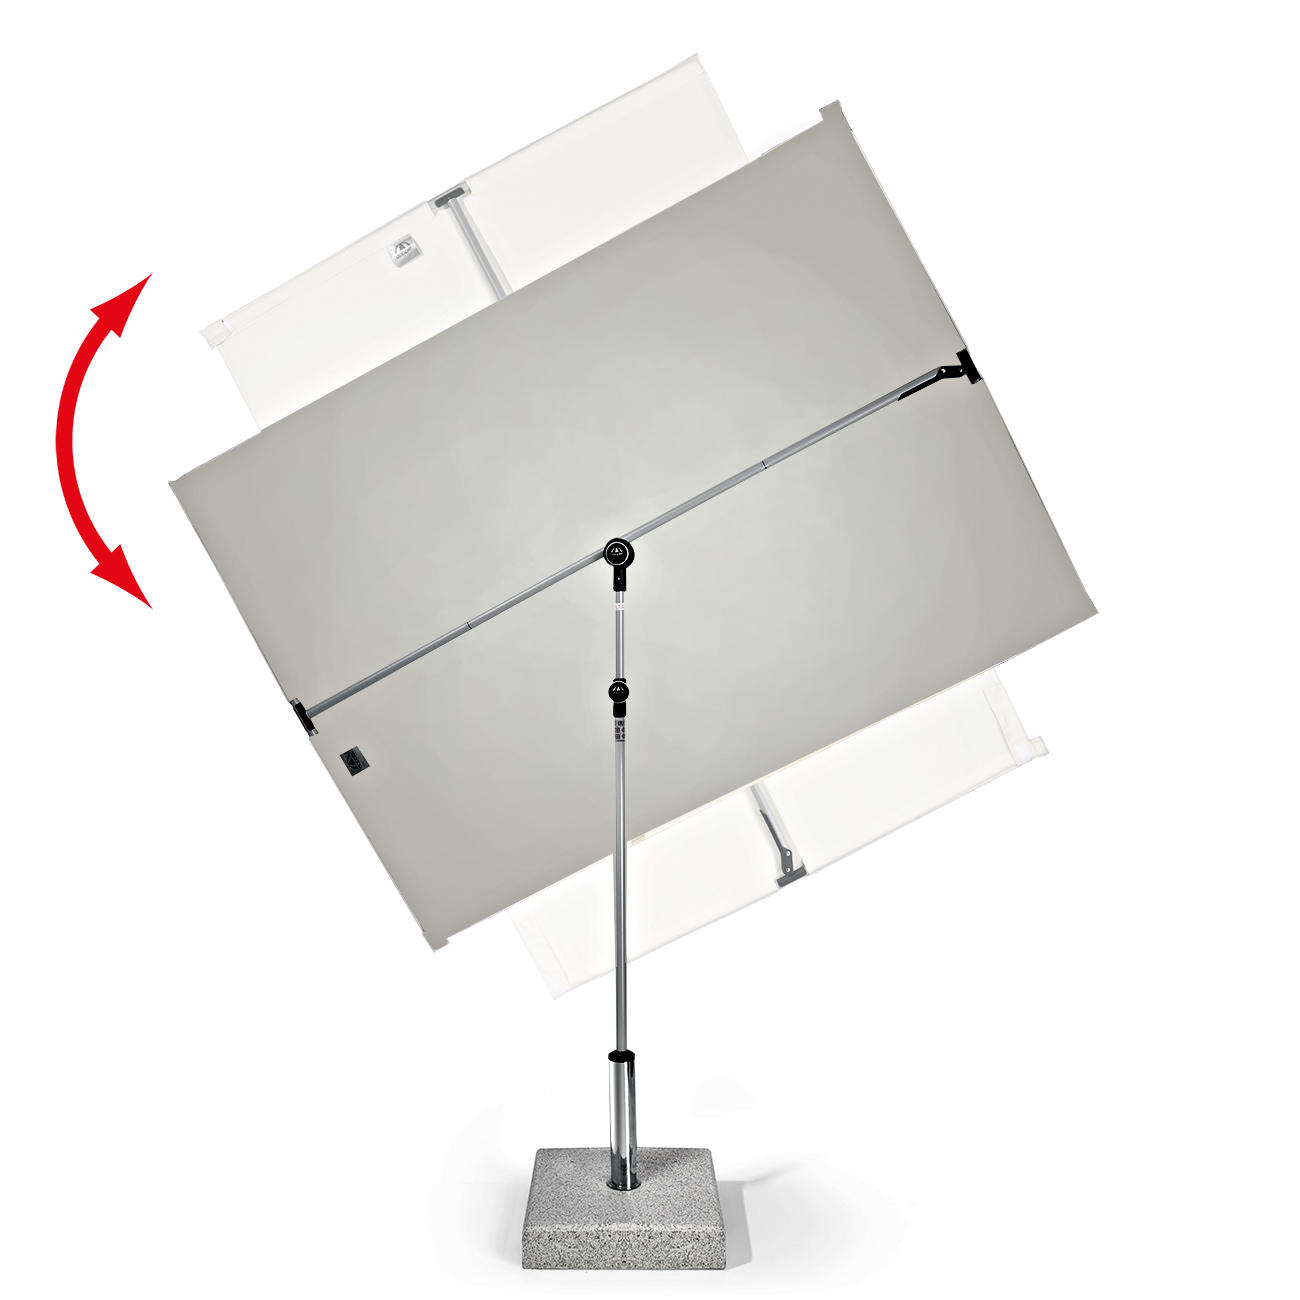 Doppler Sonnen Und Sichtblende Mit 3 Jahren Garantie